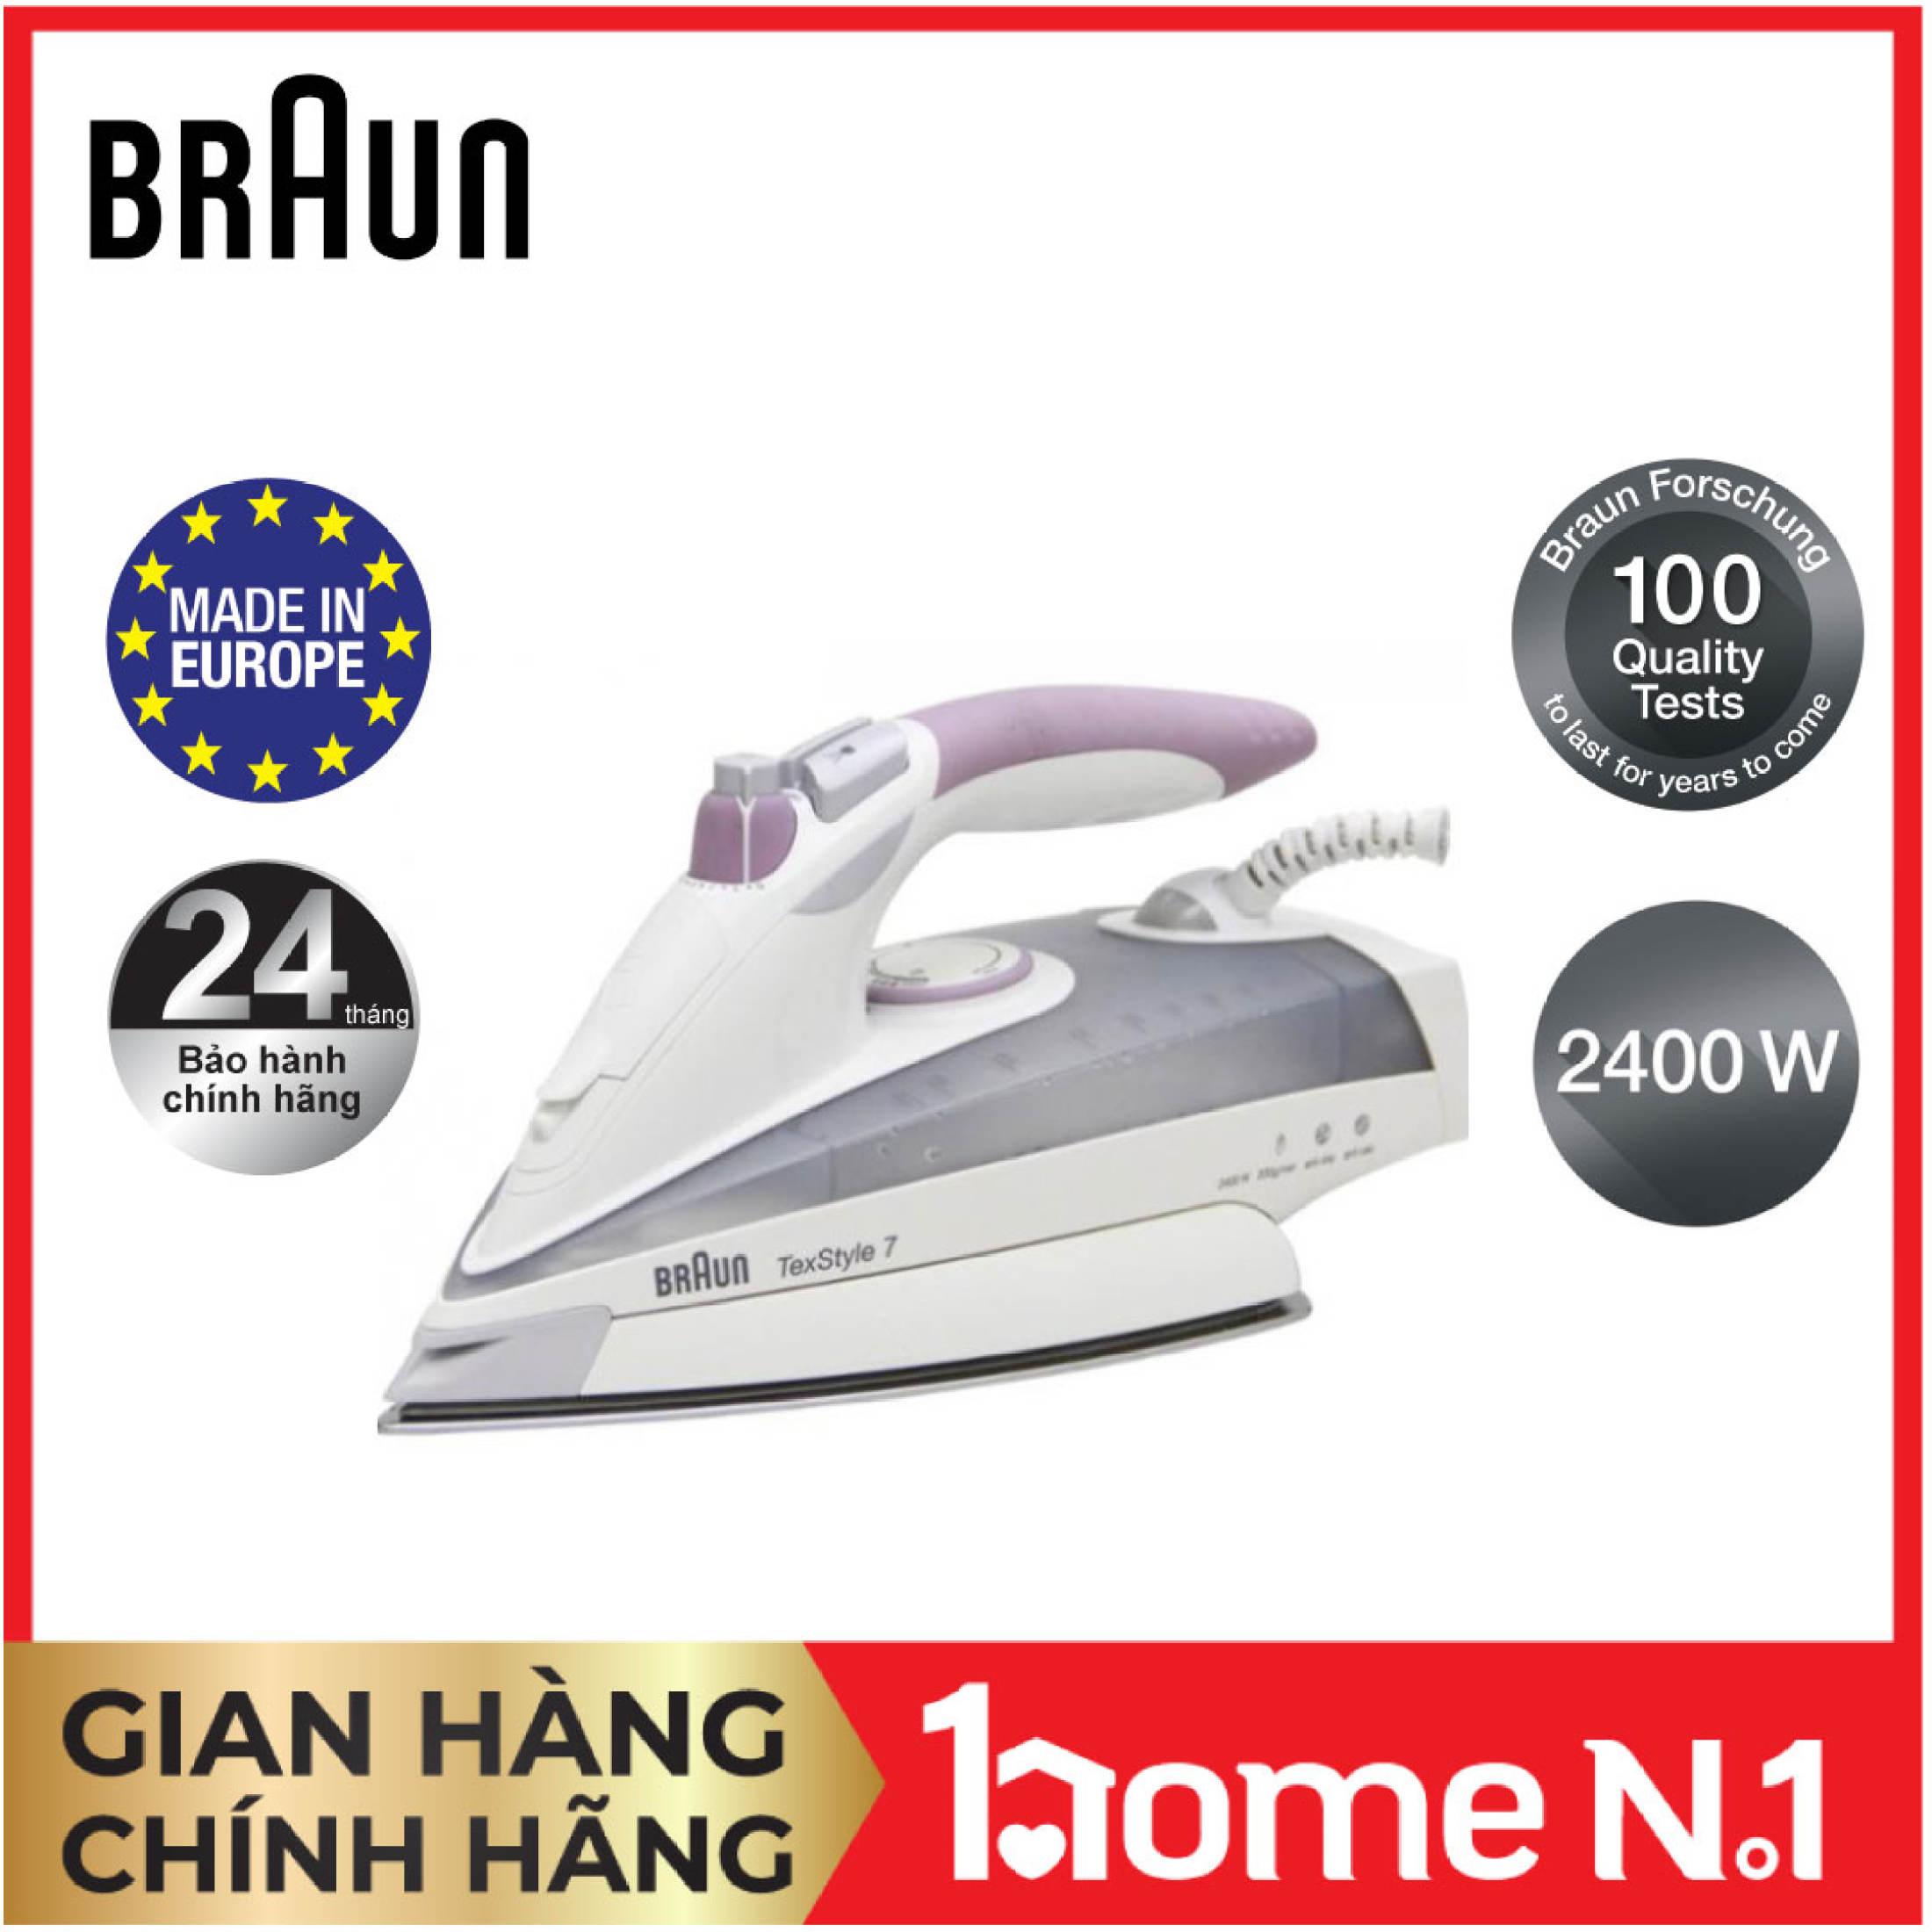 Bàn ủi hơi nước Braun TS755EA - Công suất 2400W - Brand Partner Vietnam